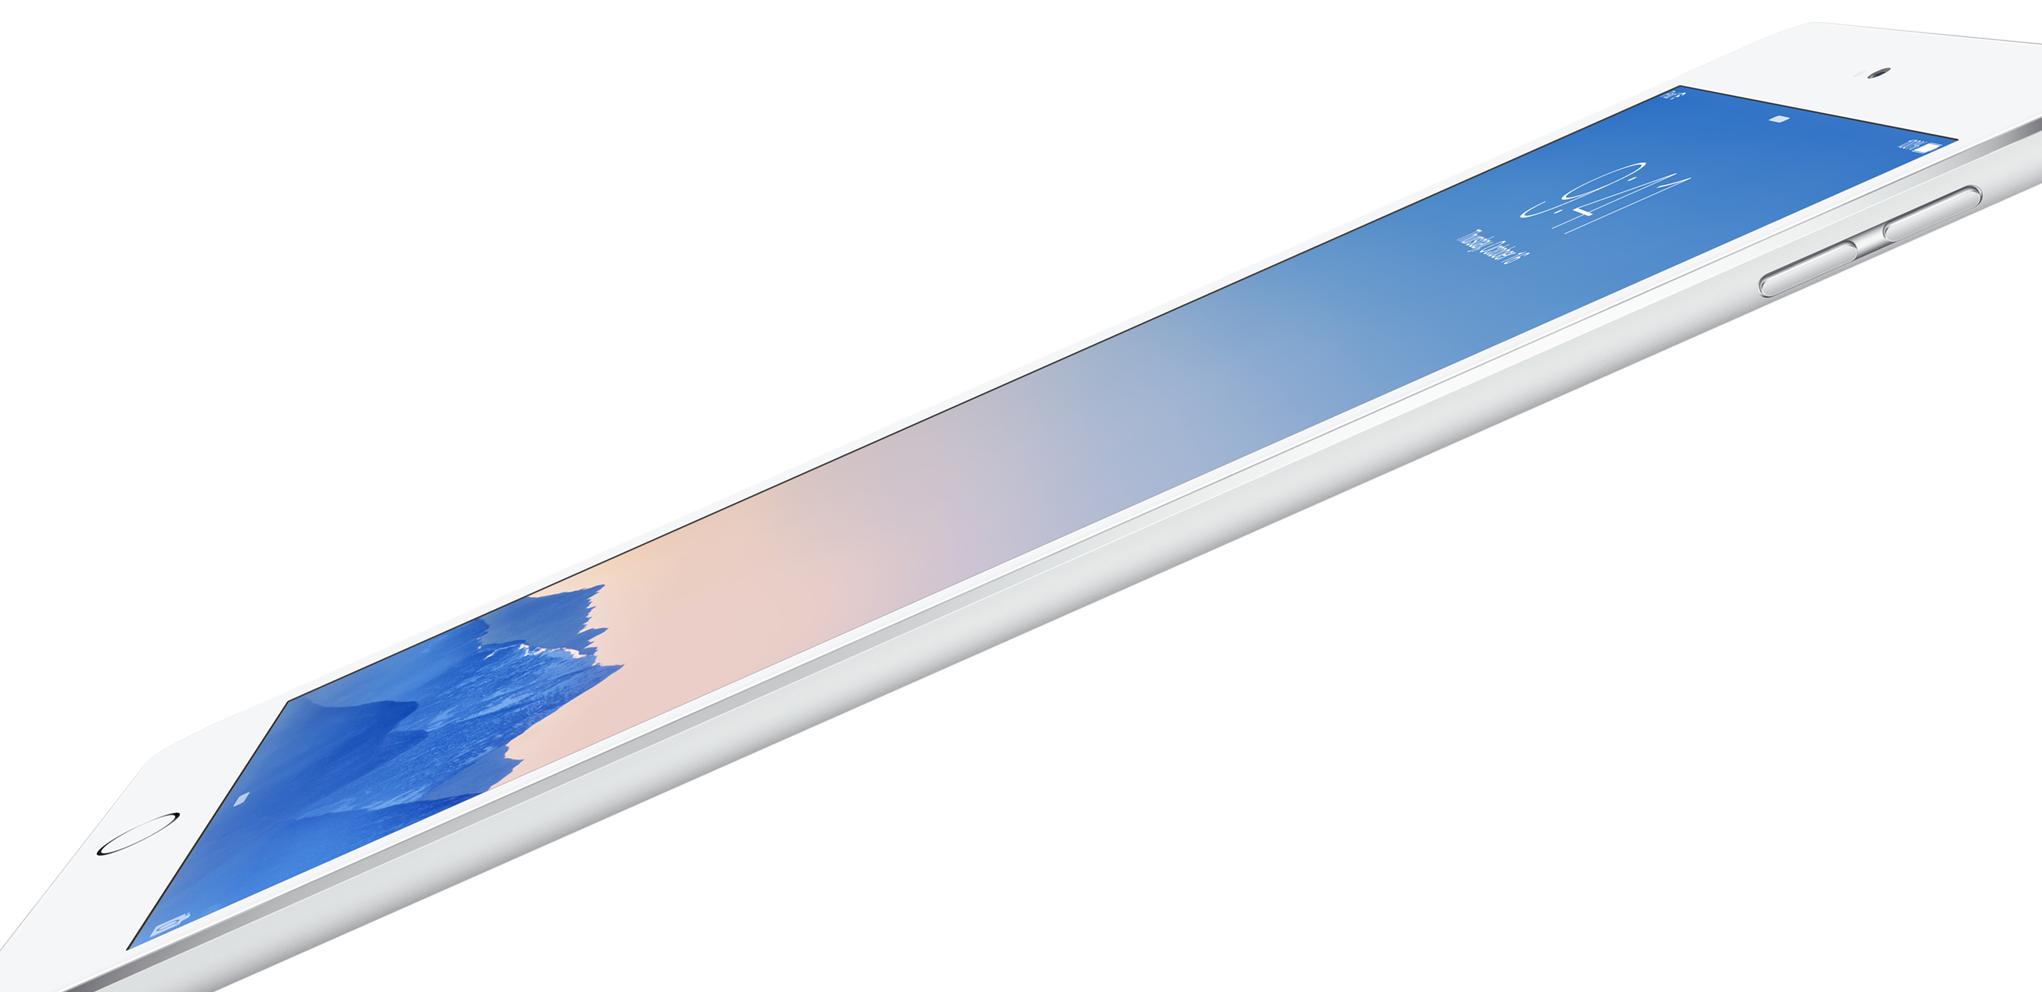 iPad Air 3 может обзавестись четырьмя динамиками и светодиодной вспышкой